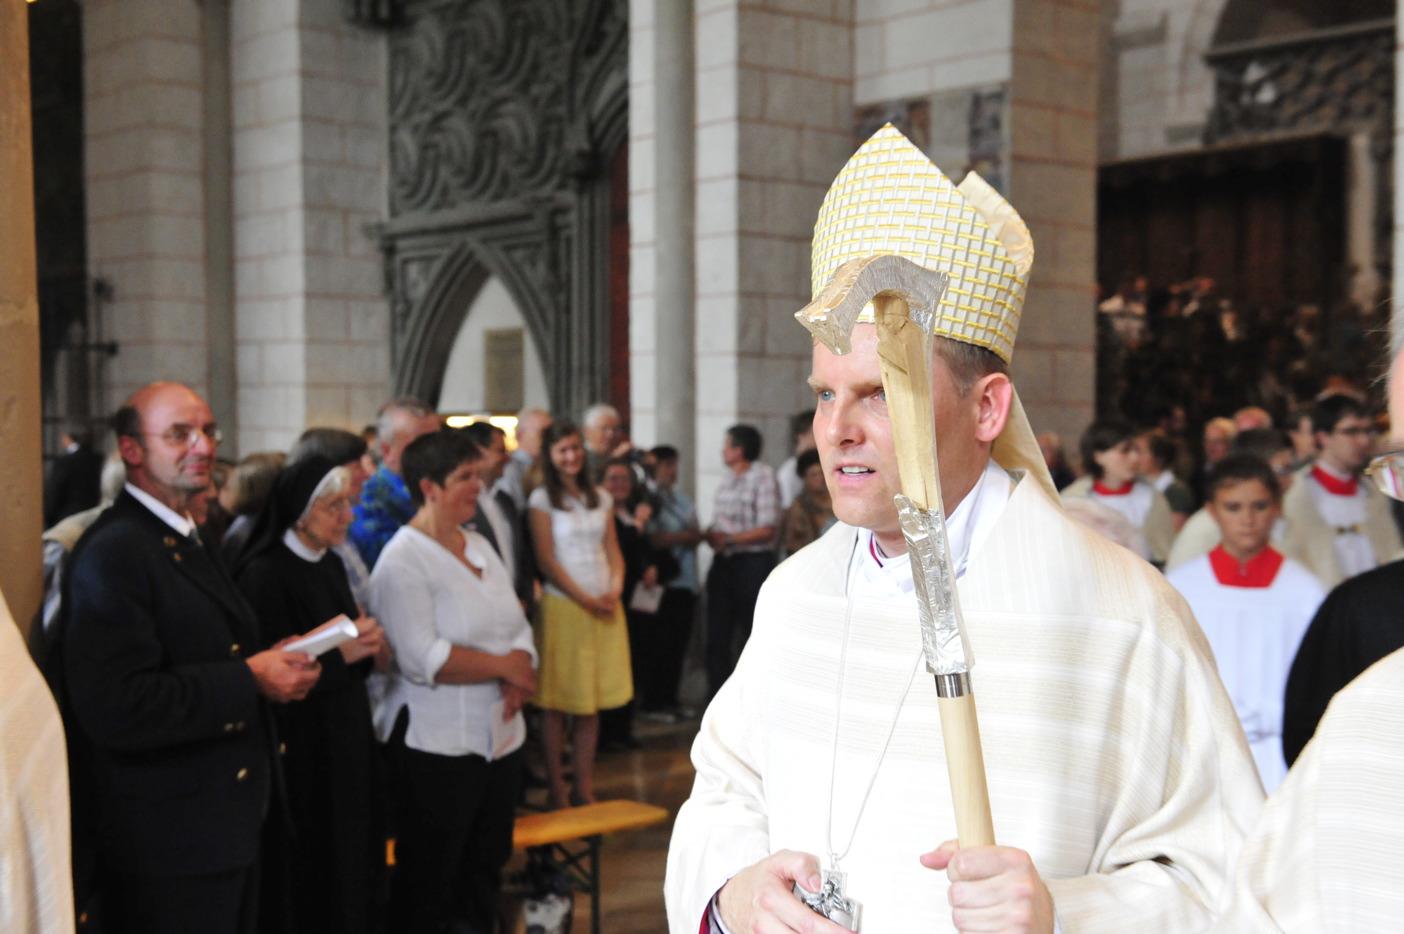 Bischofsweihe_20120728_09-48-18 - Bistum Augsburg